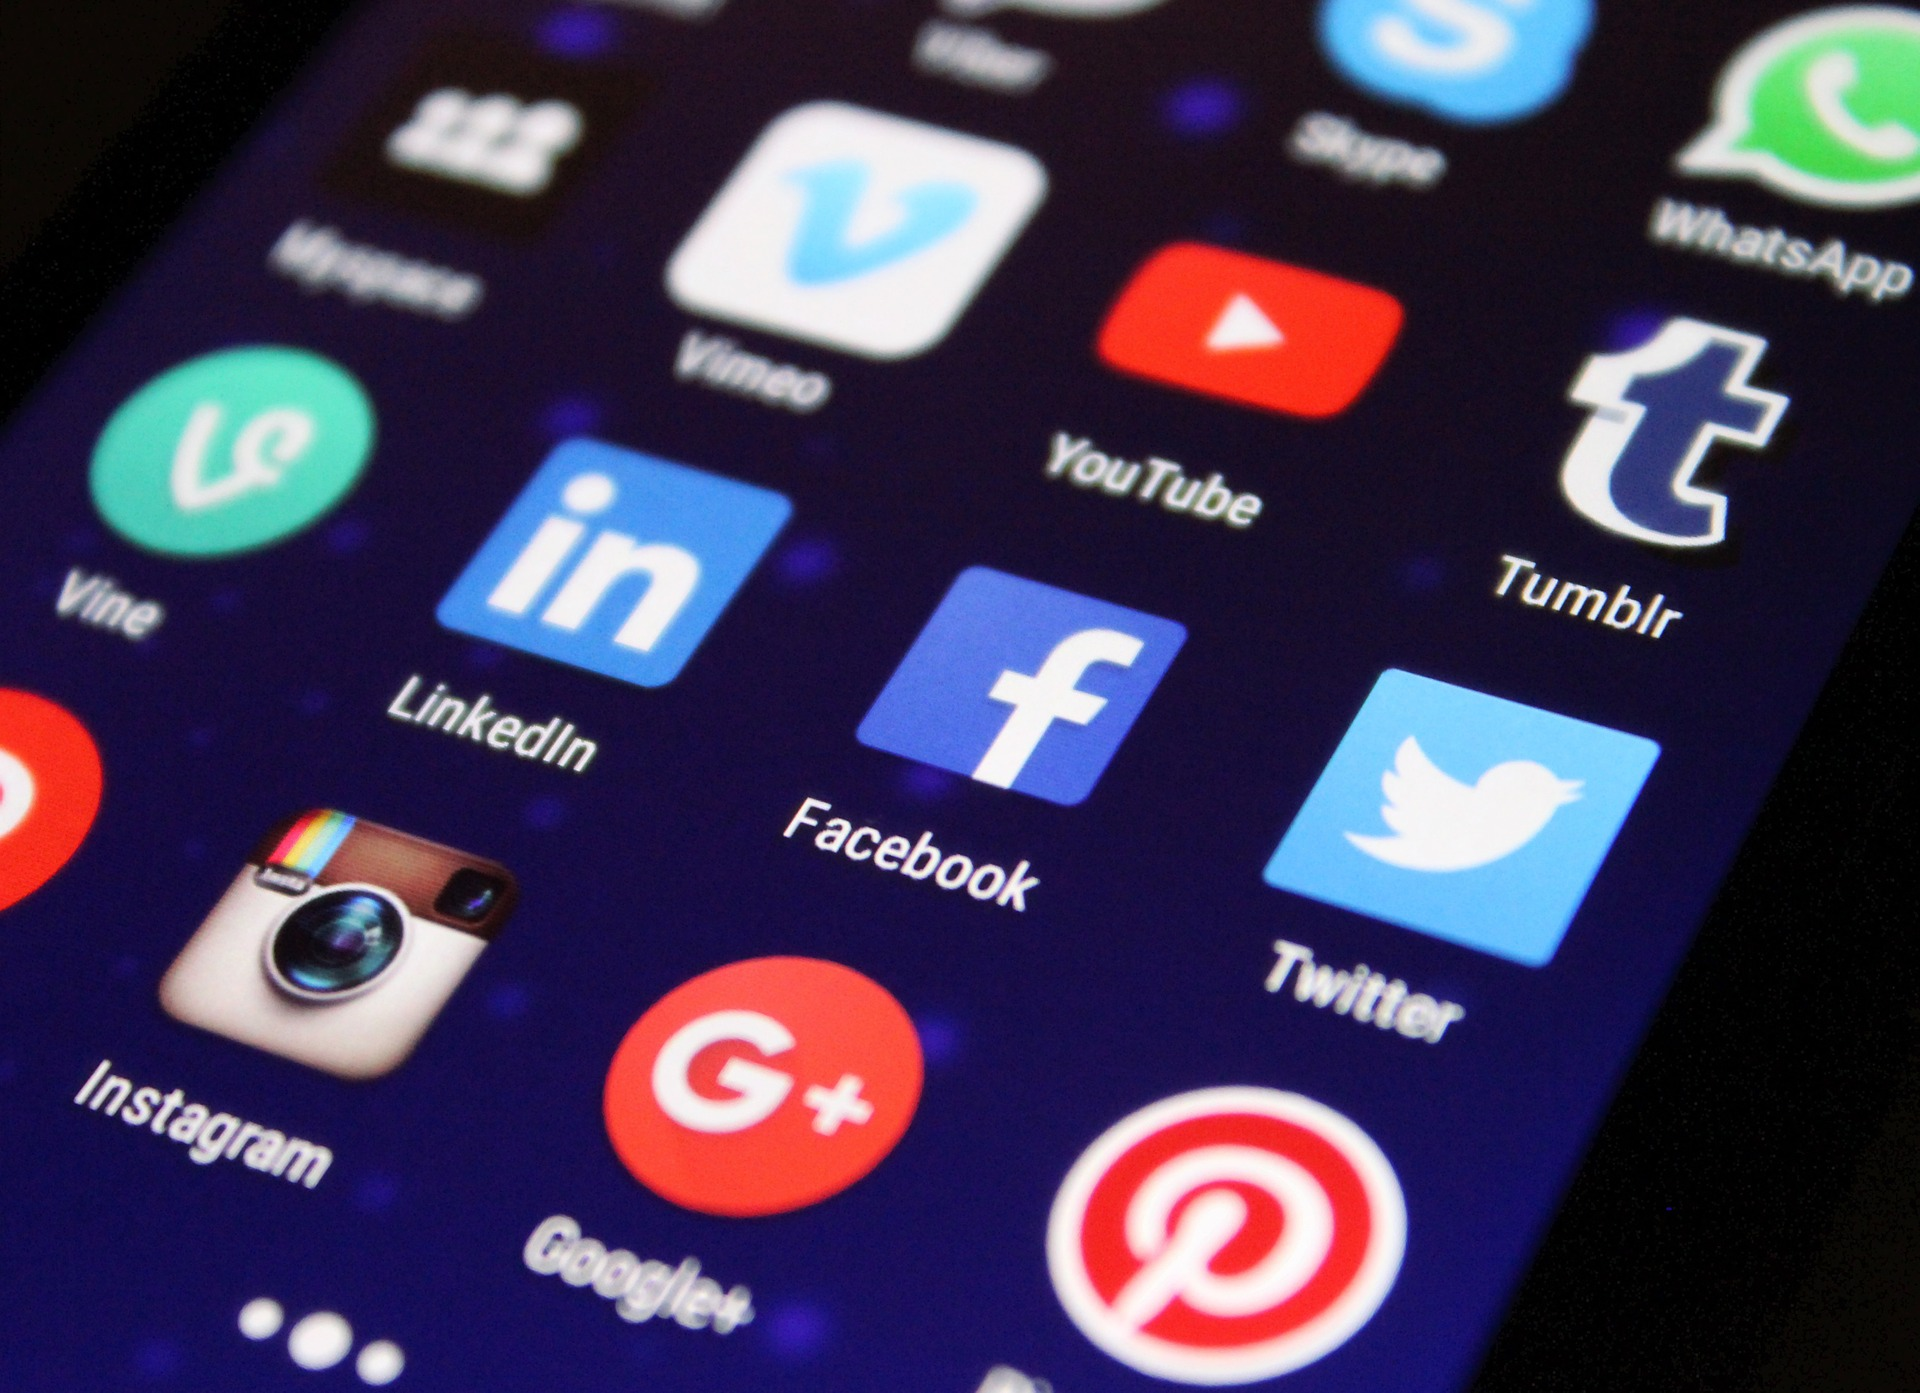 7_consejos_para_aumentar_trafico_a_tu_sitio_web_-_redes_sociales.jpg